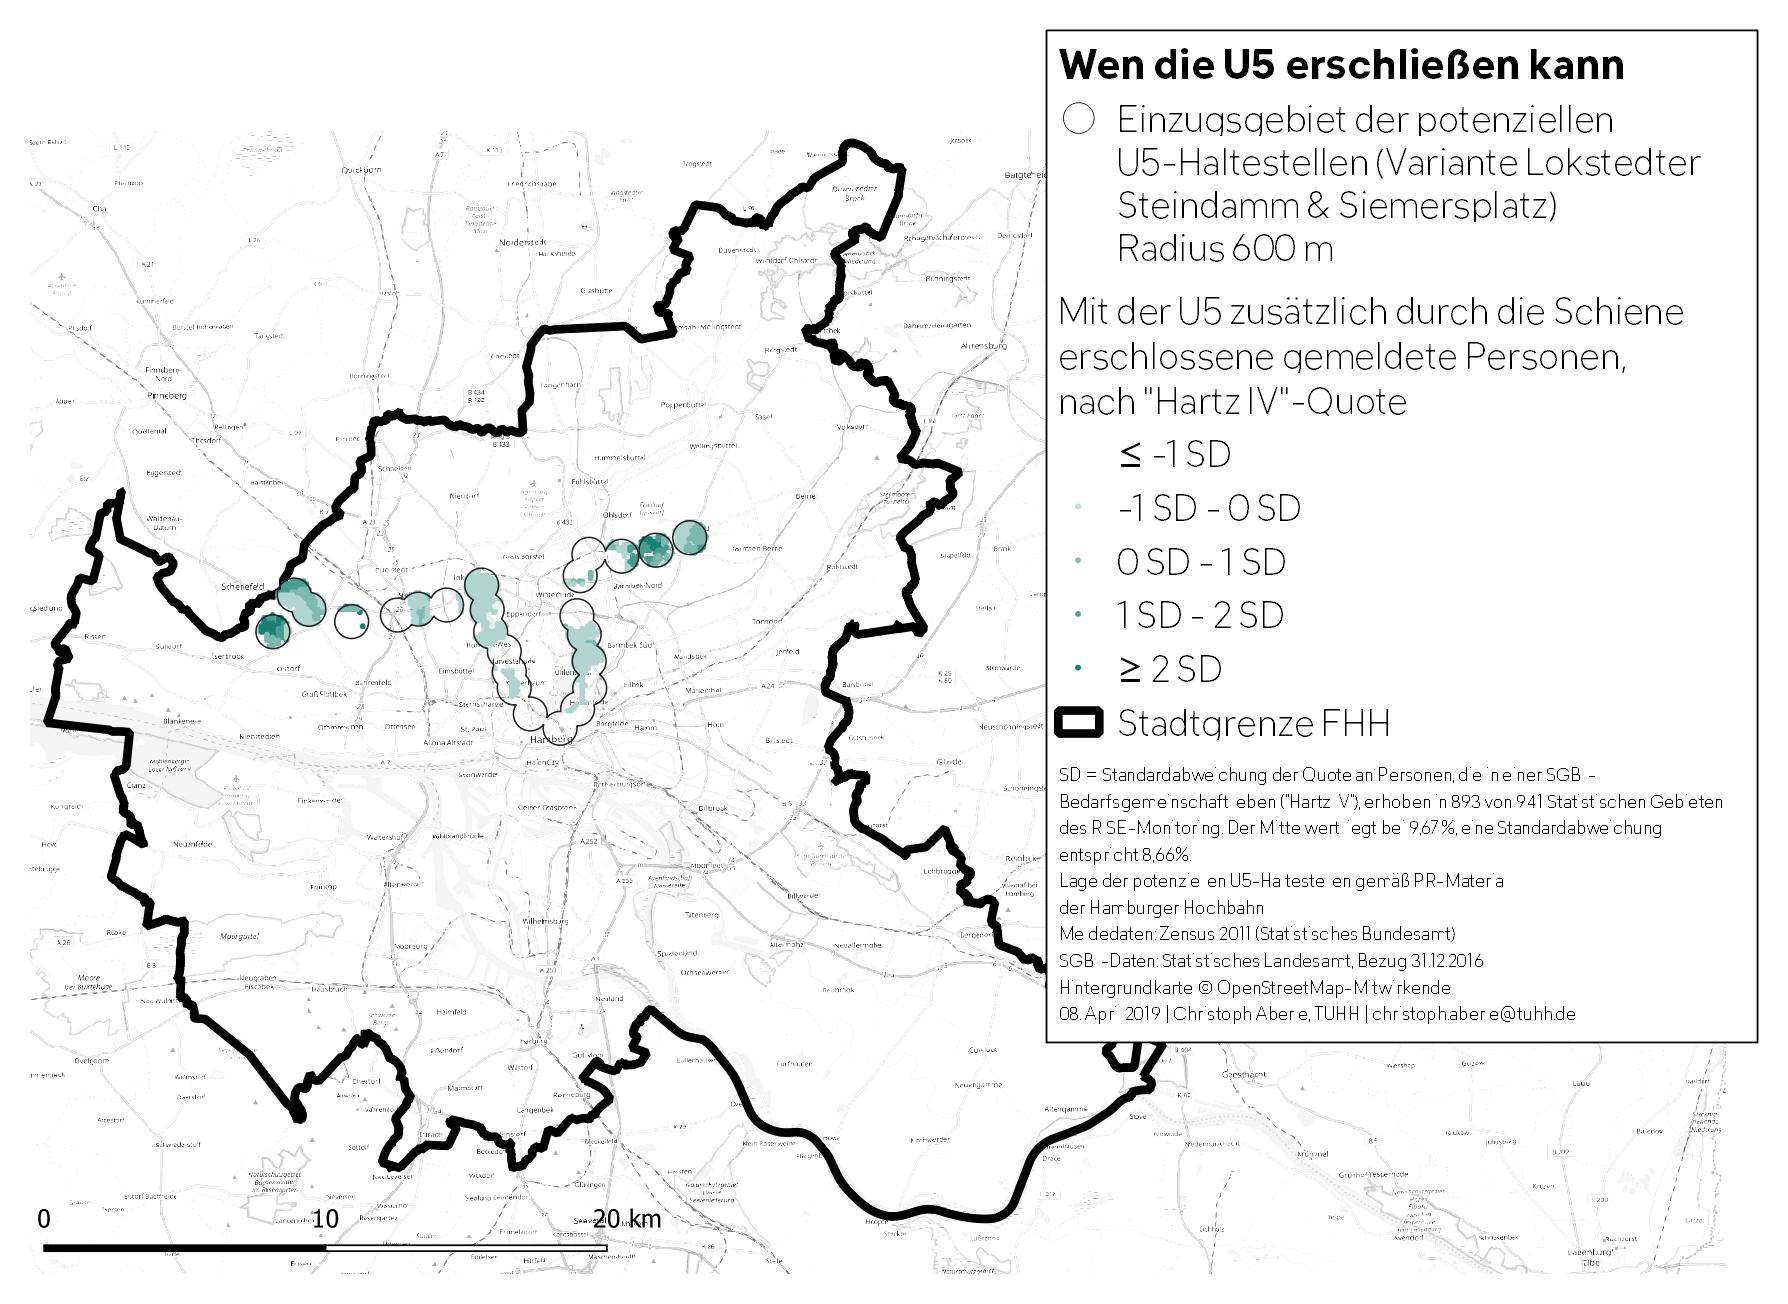 So erweitert die U5 das Schieneneinzugsgebiet des HVV in Hamburg, nach HartzIV-Quote.